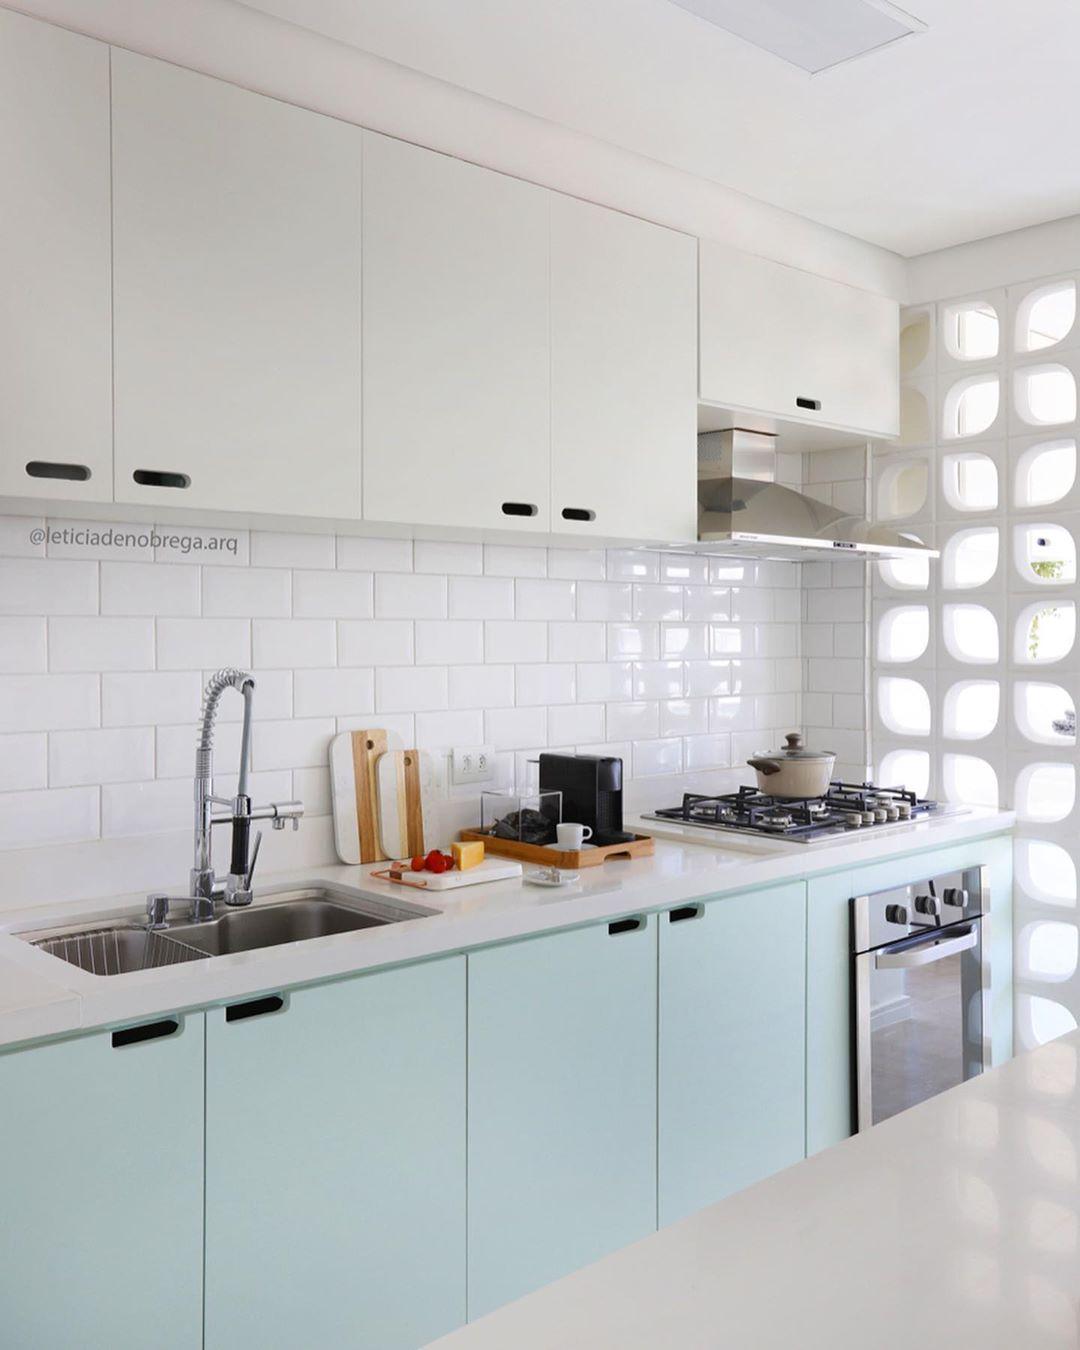 cobogo-cozinha